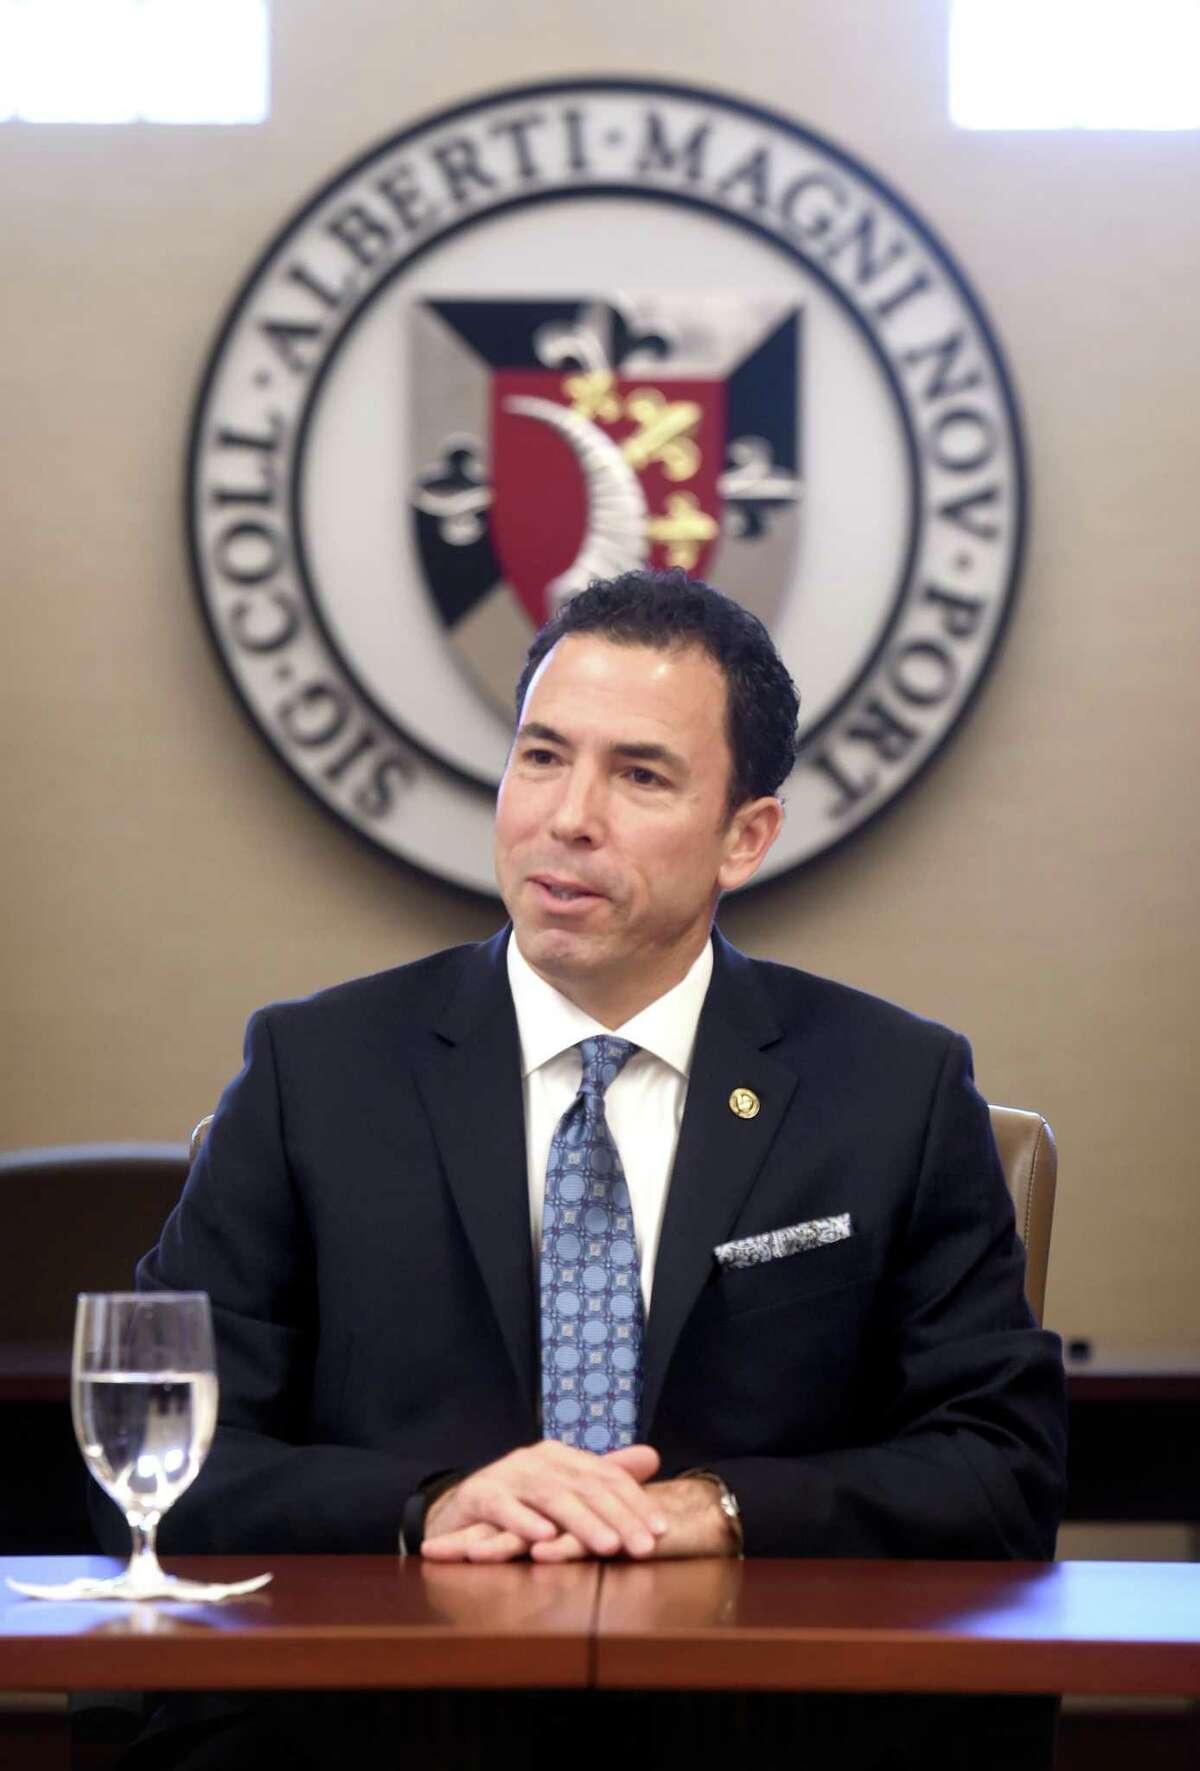 Marc Camille, president of Albertus Magnus College, in 2017.